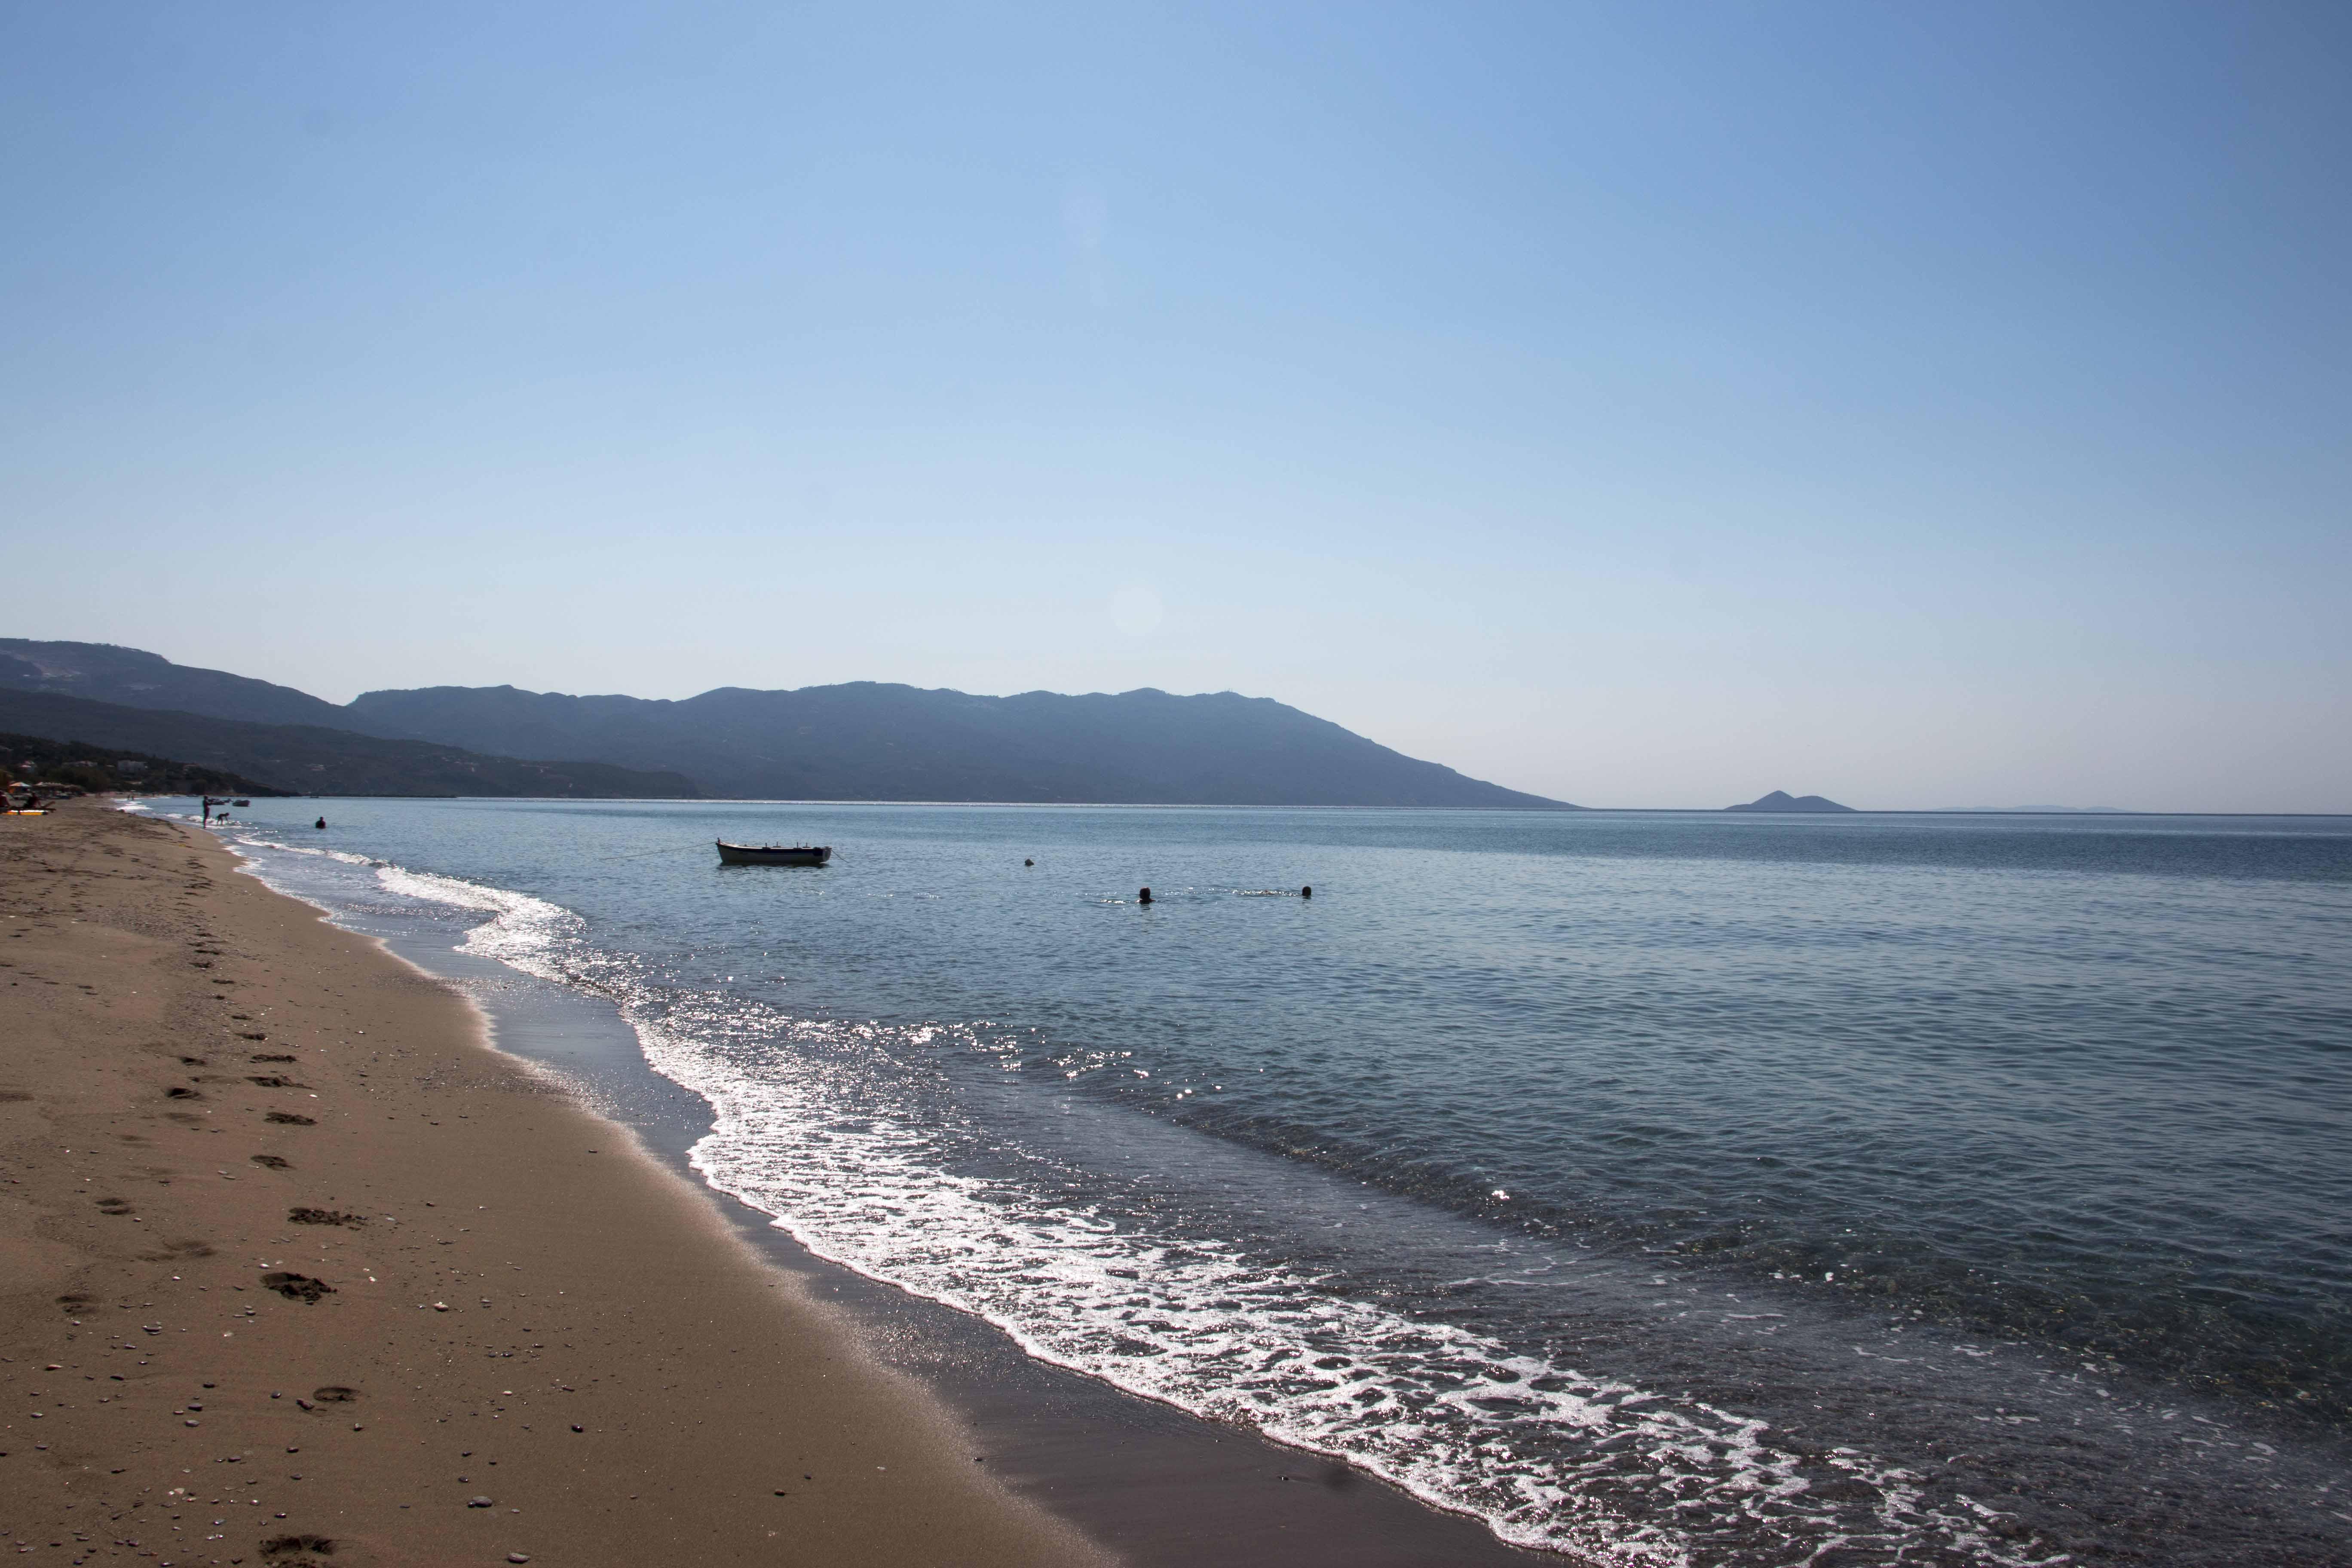 Παραλία, Κάμπος Μαραθοκάμπου Σάμου